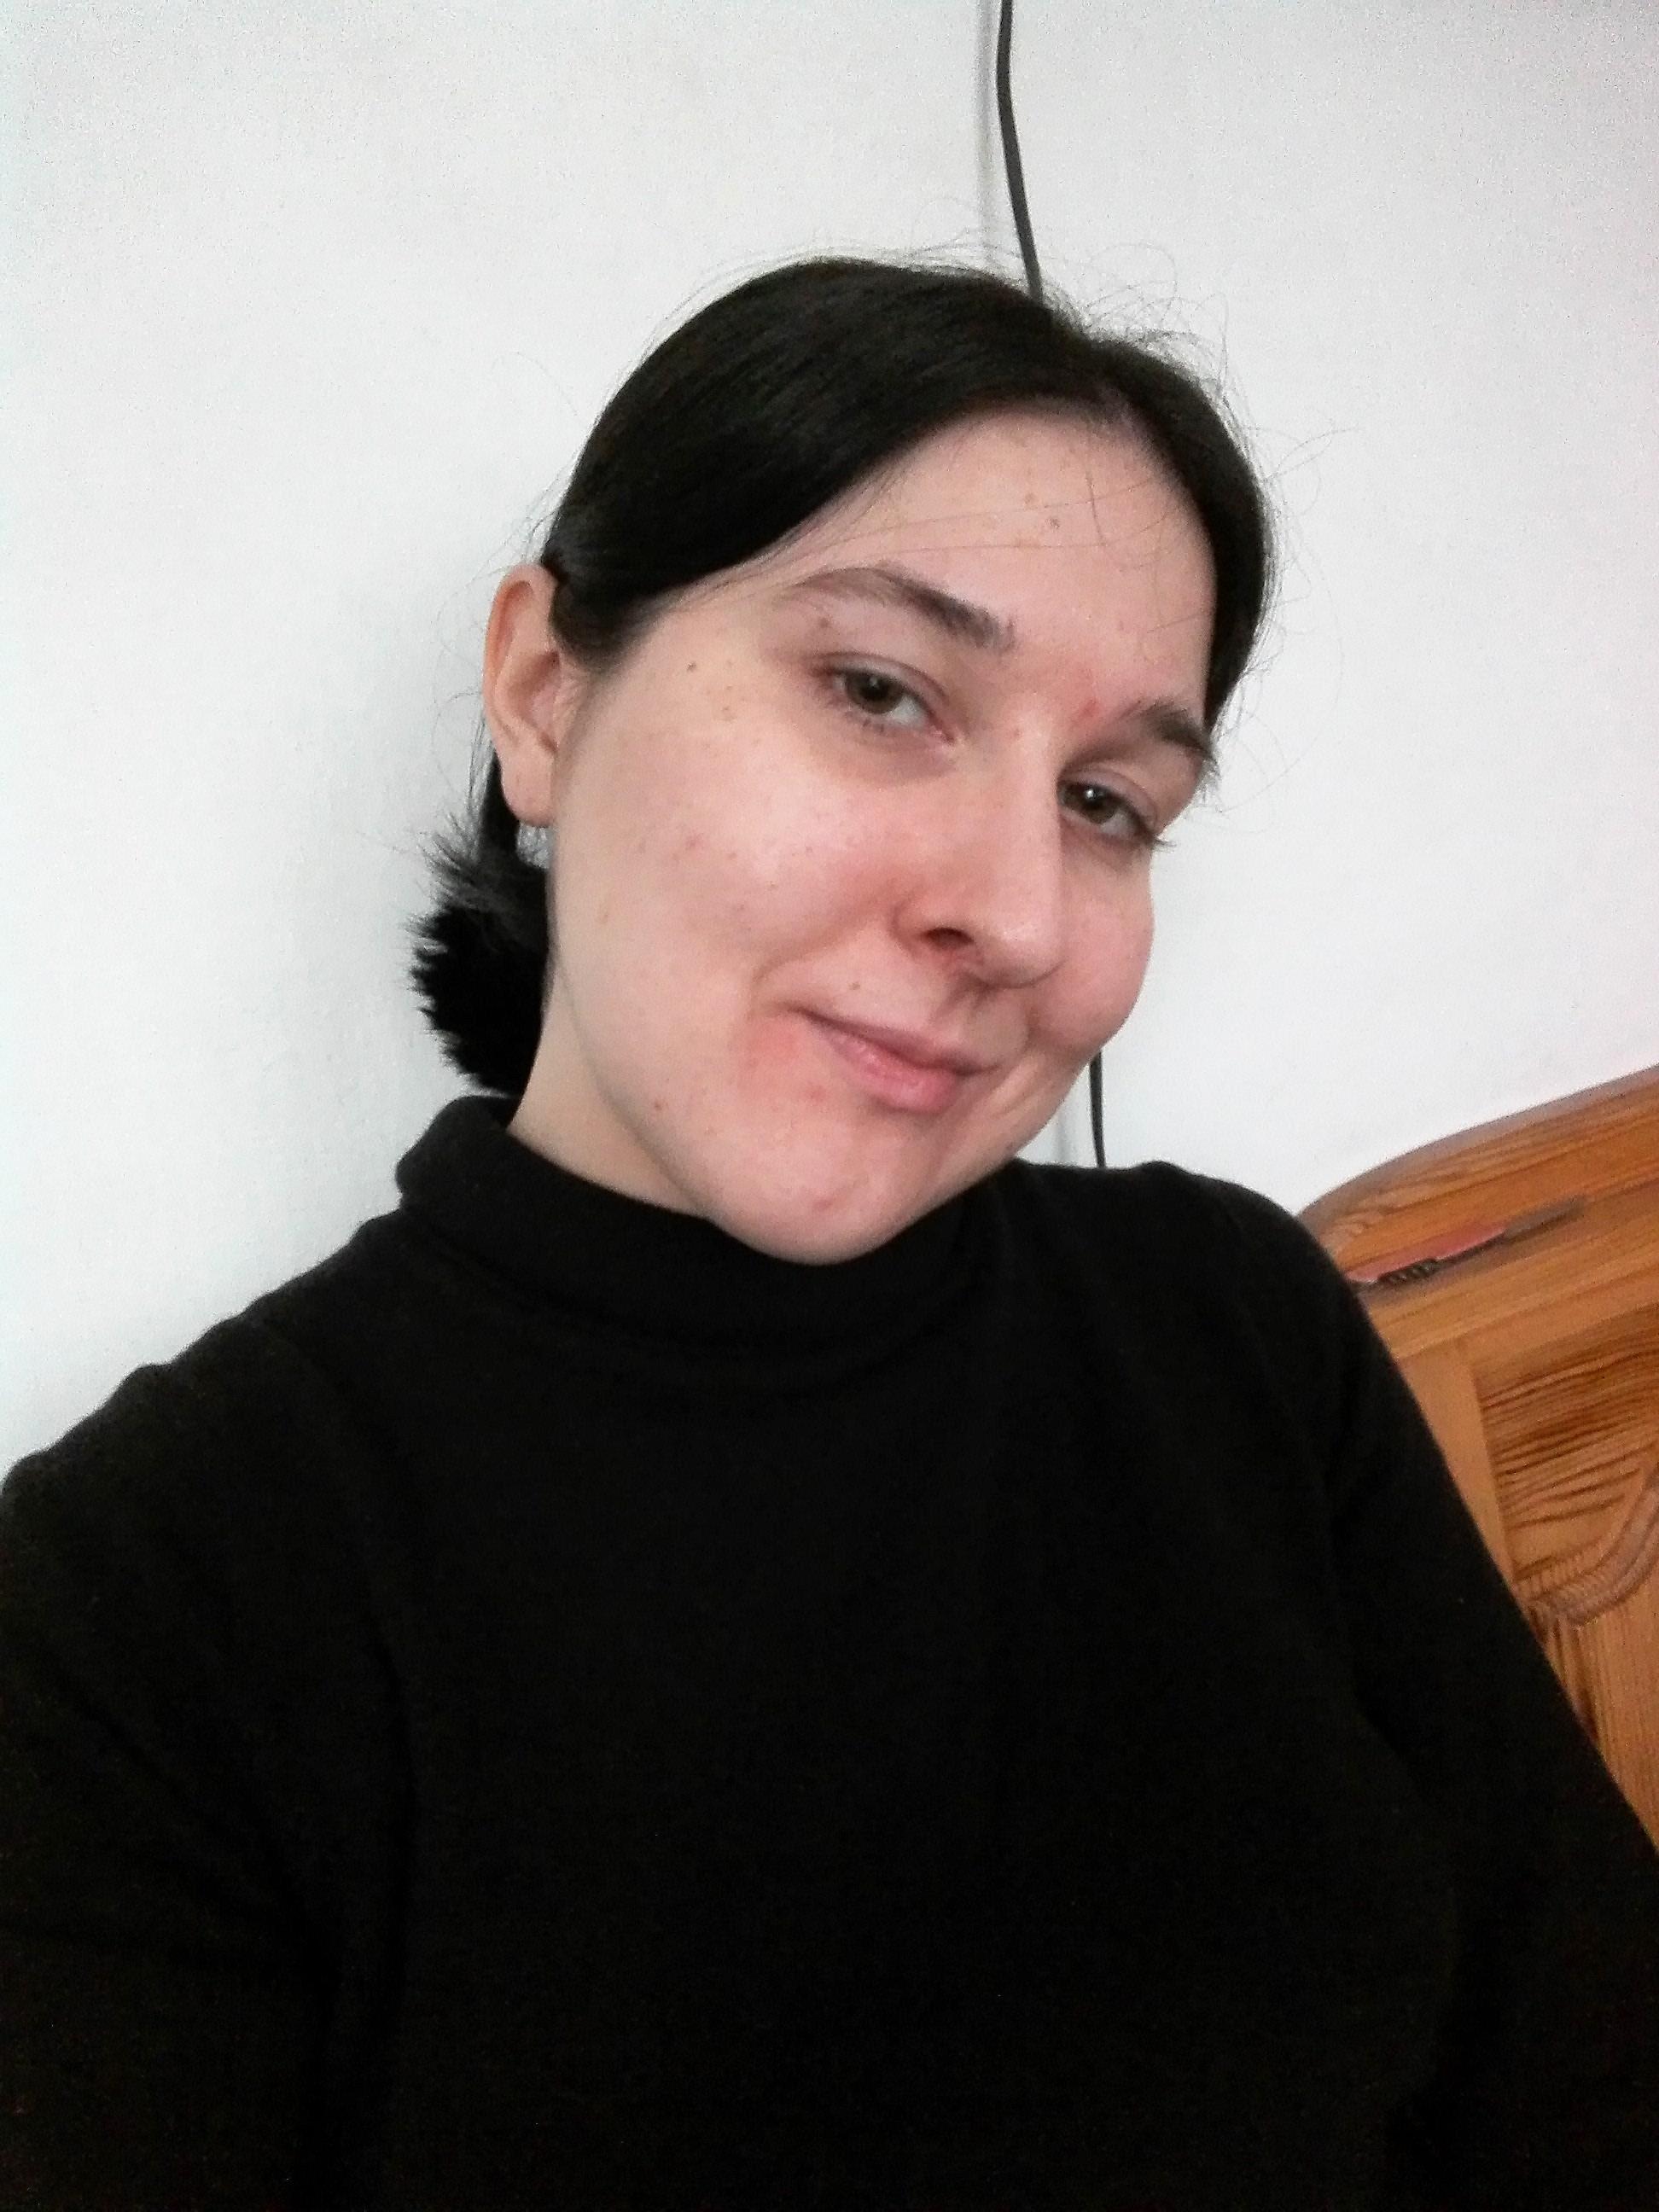 Natalia Julia Nowak, njnowak, NJN, 1991njn1991, njn1991njn